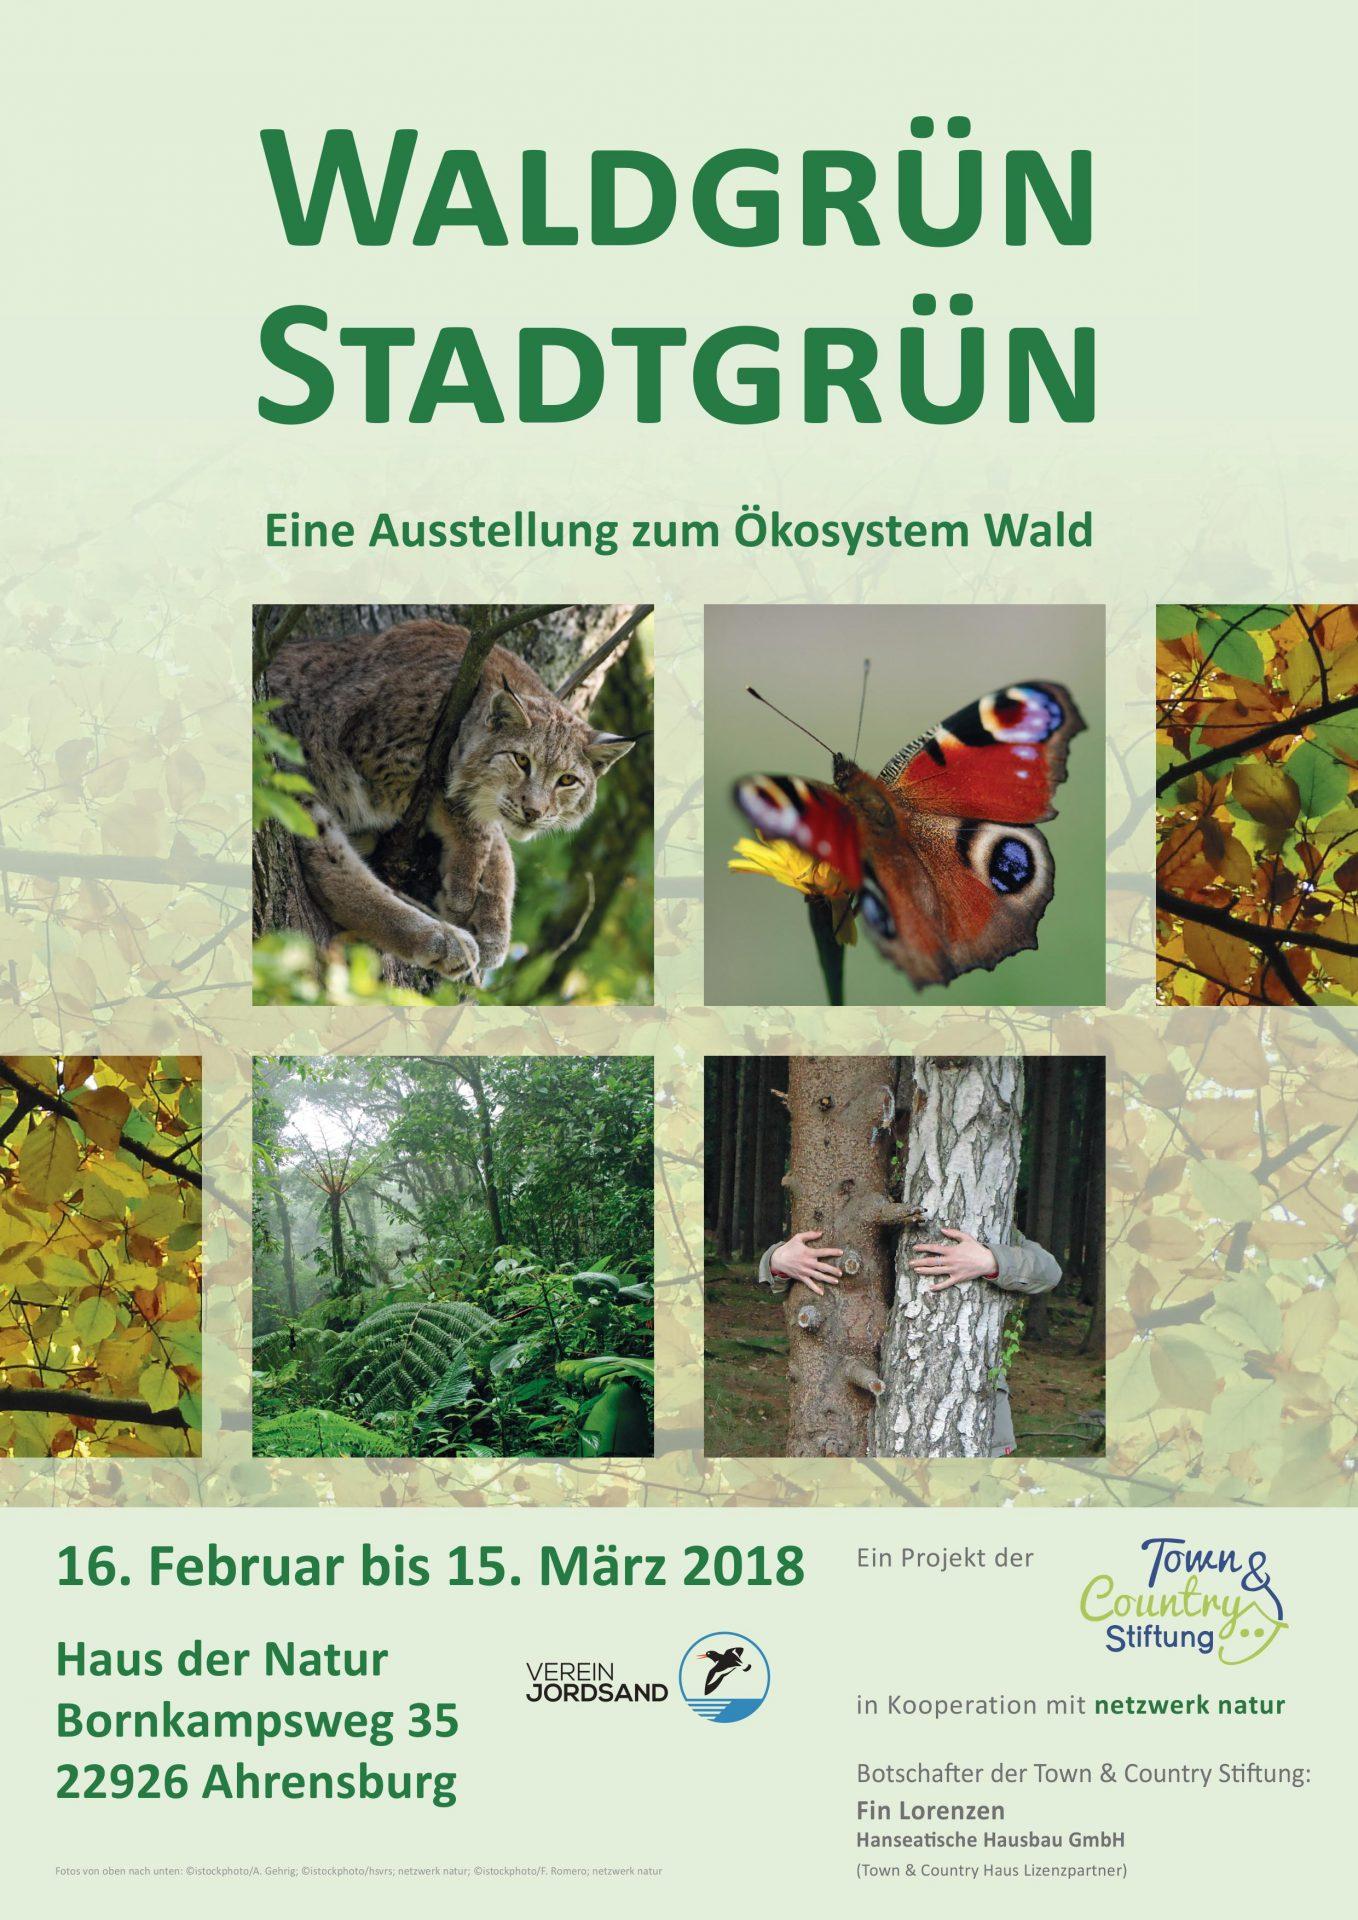 netzwerk natur, WALDGRÜN - STADTGRÜN in Ahrensburg, Plakat zur Ausstellung